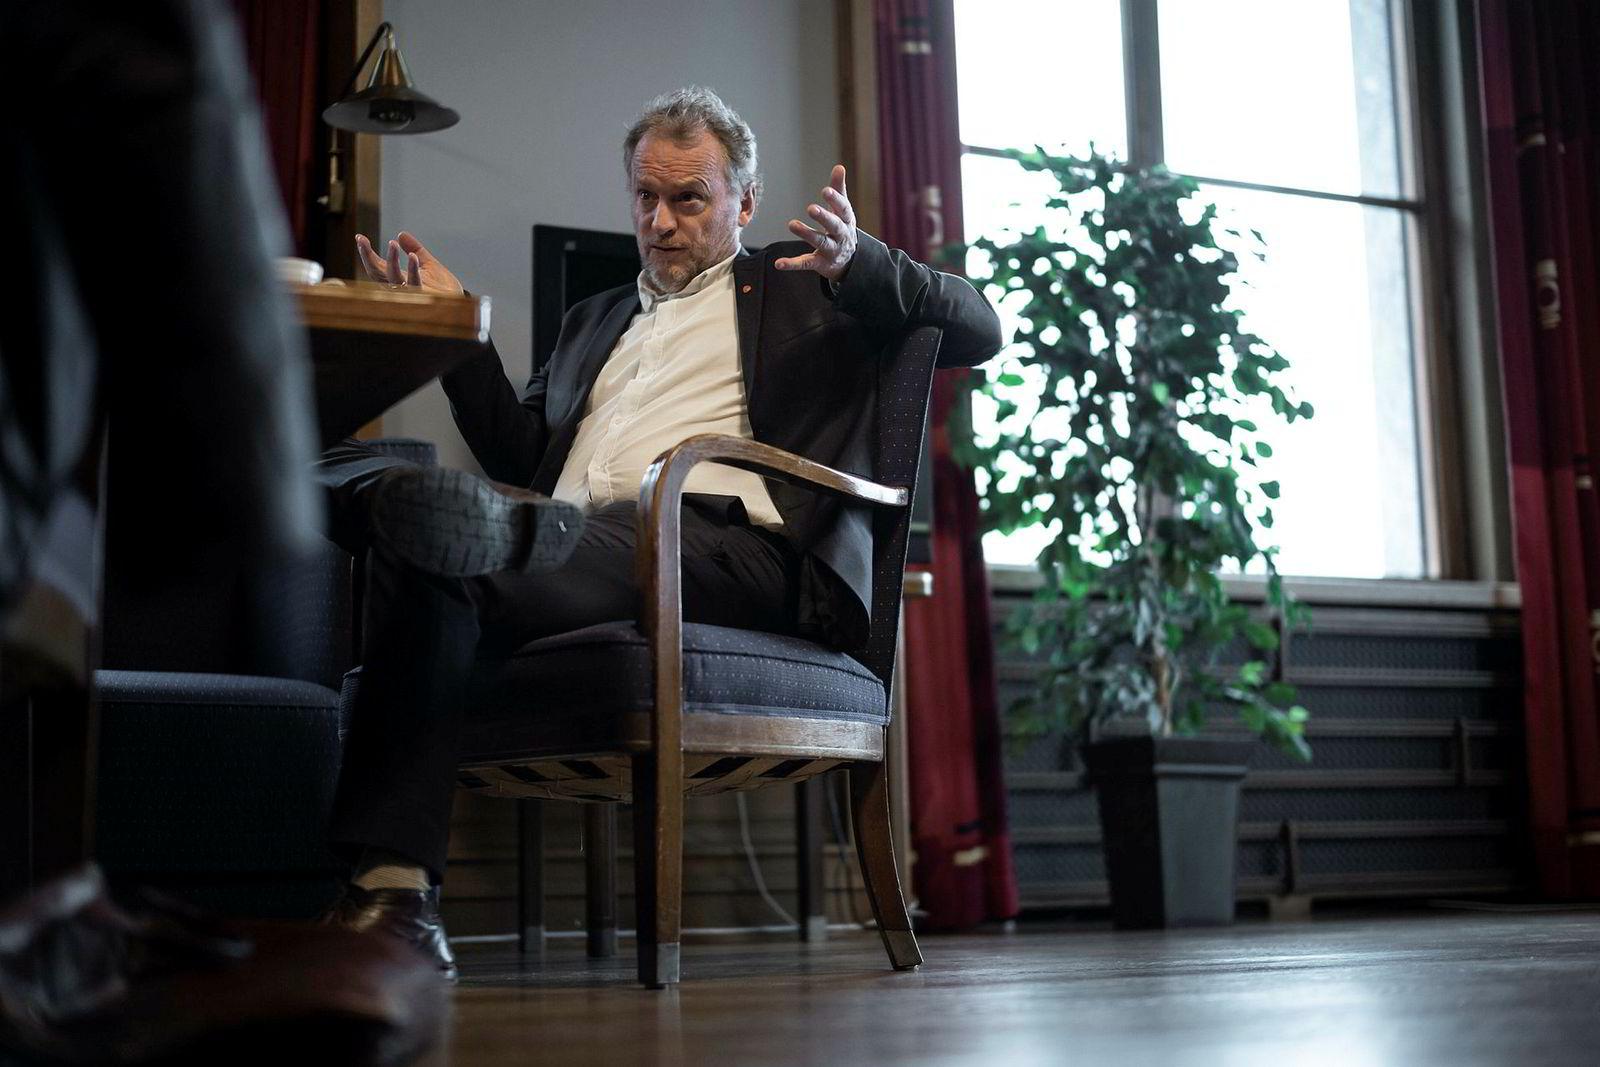 Boliginvestor Ivar Tollefsen har kjøpt flere bygårder i Oslo uten å melde kjøpet til kommunen som i utgangspunktet har forkjøpsrett. Nå vil byrådsleder Raymond Johansen (bildet) kjøpe gårdene tilbake.